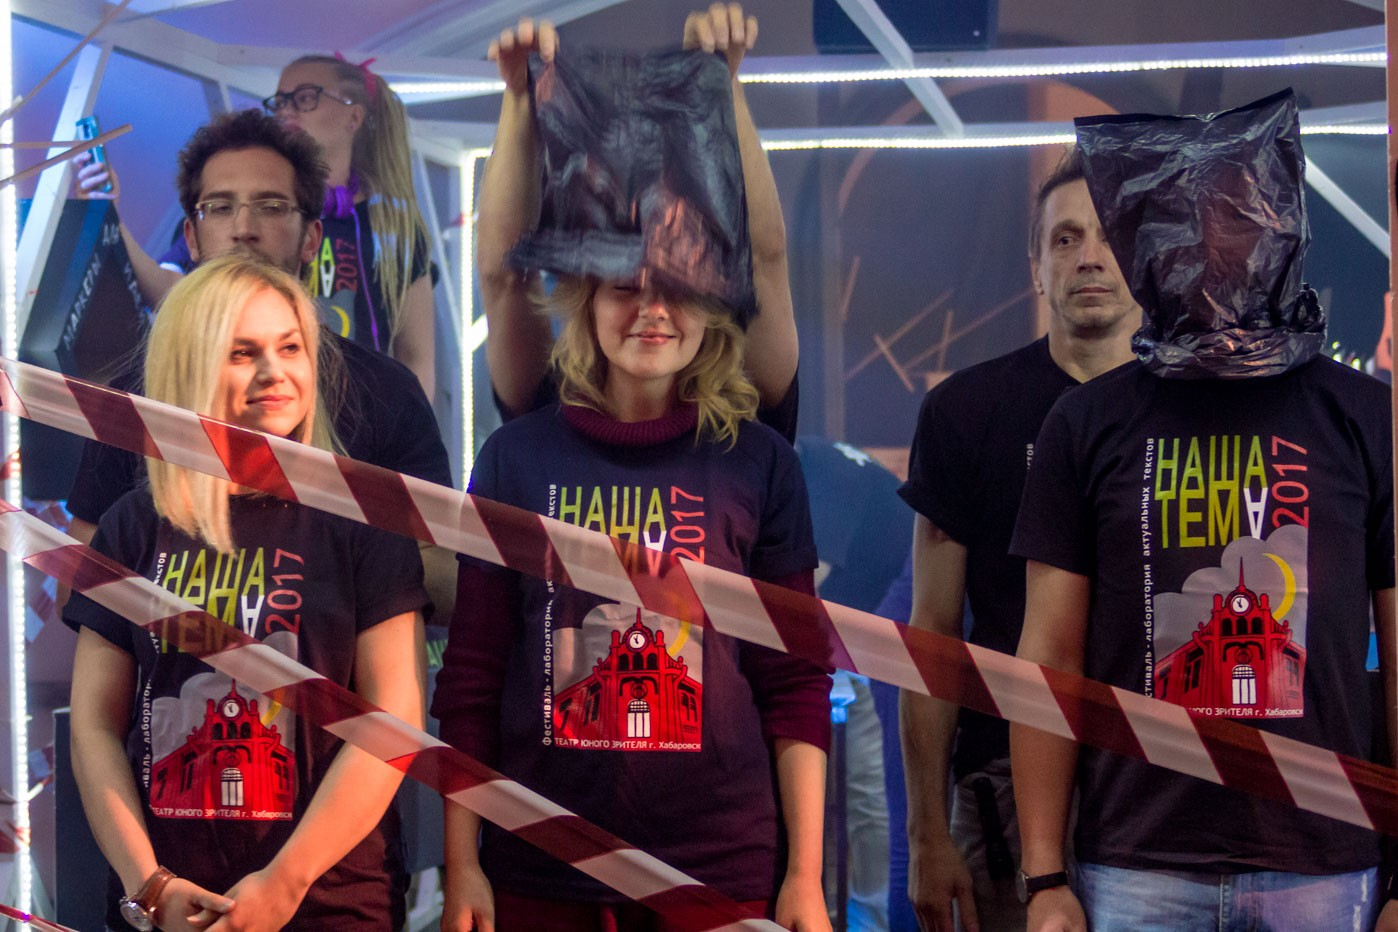 """Фестиваль-лаборатория """"Наша тема"""": чем удивляет ТЮЗ хабаровчан"""